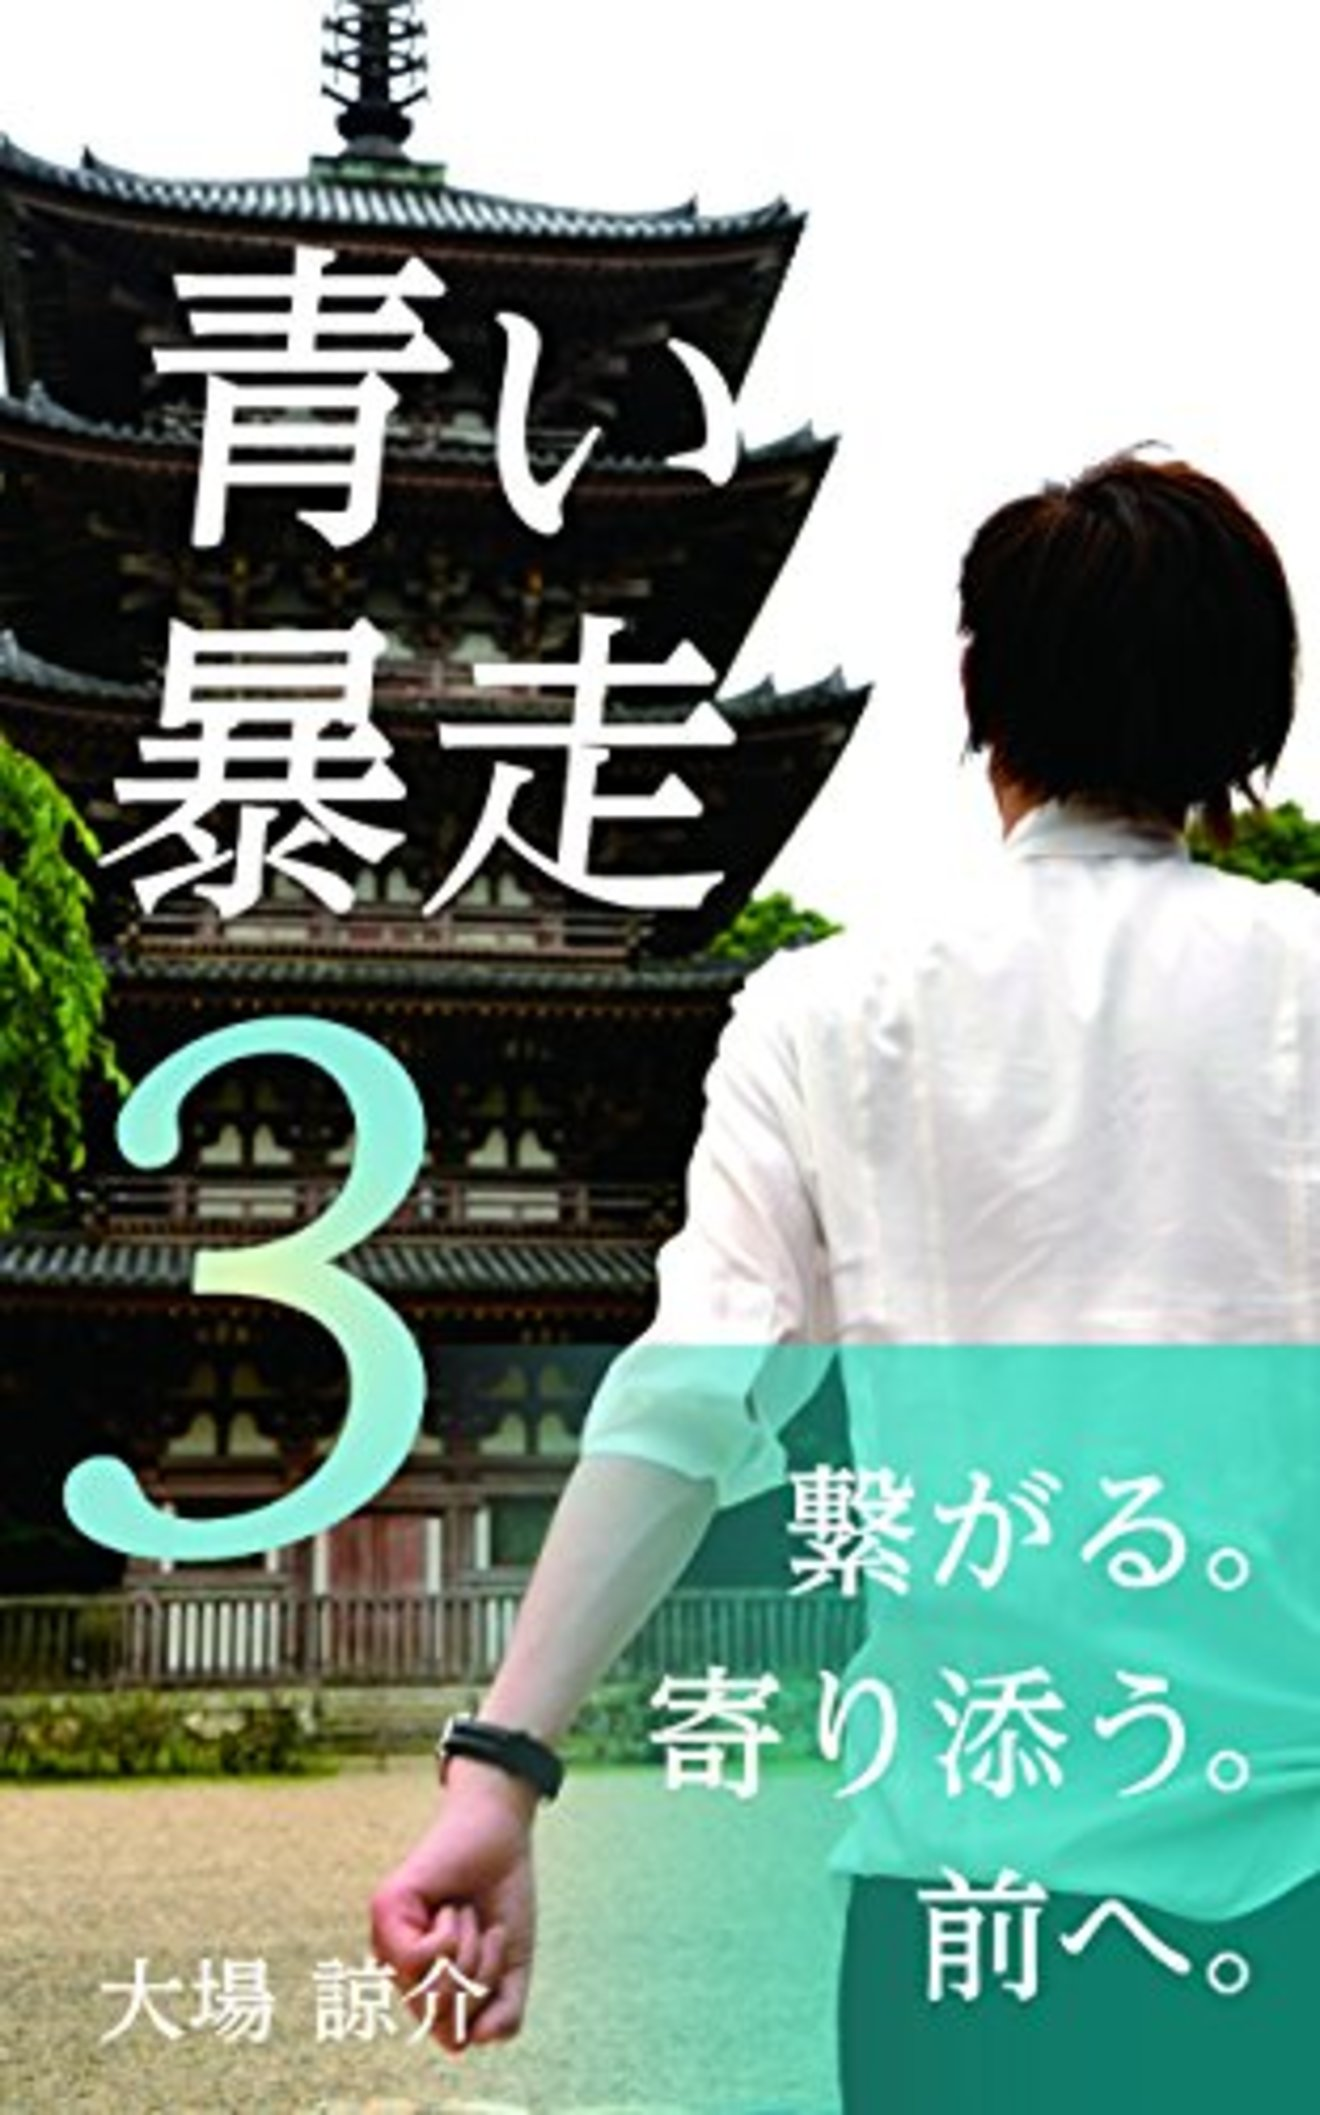 【連載小説】「ロマンティックが終わる時」第11話【毎朝6時更新】